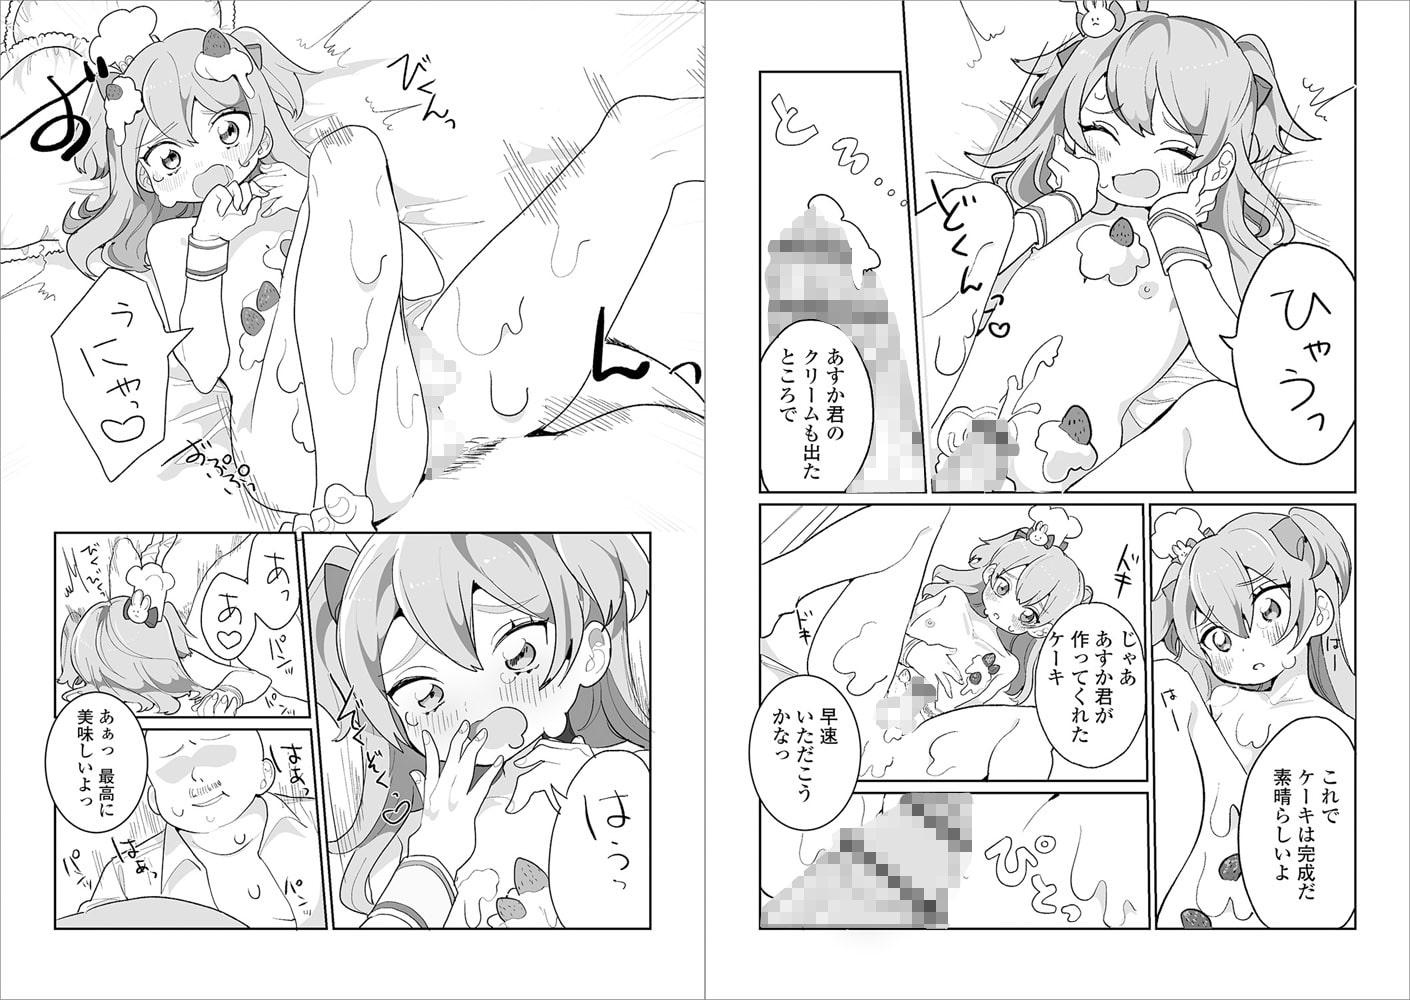 月刊Web男の娘・れくしょんッ!S  Vol.45